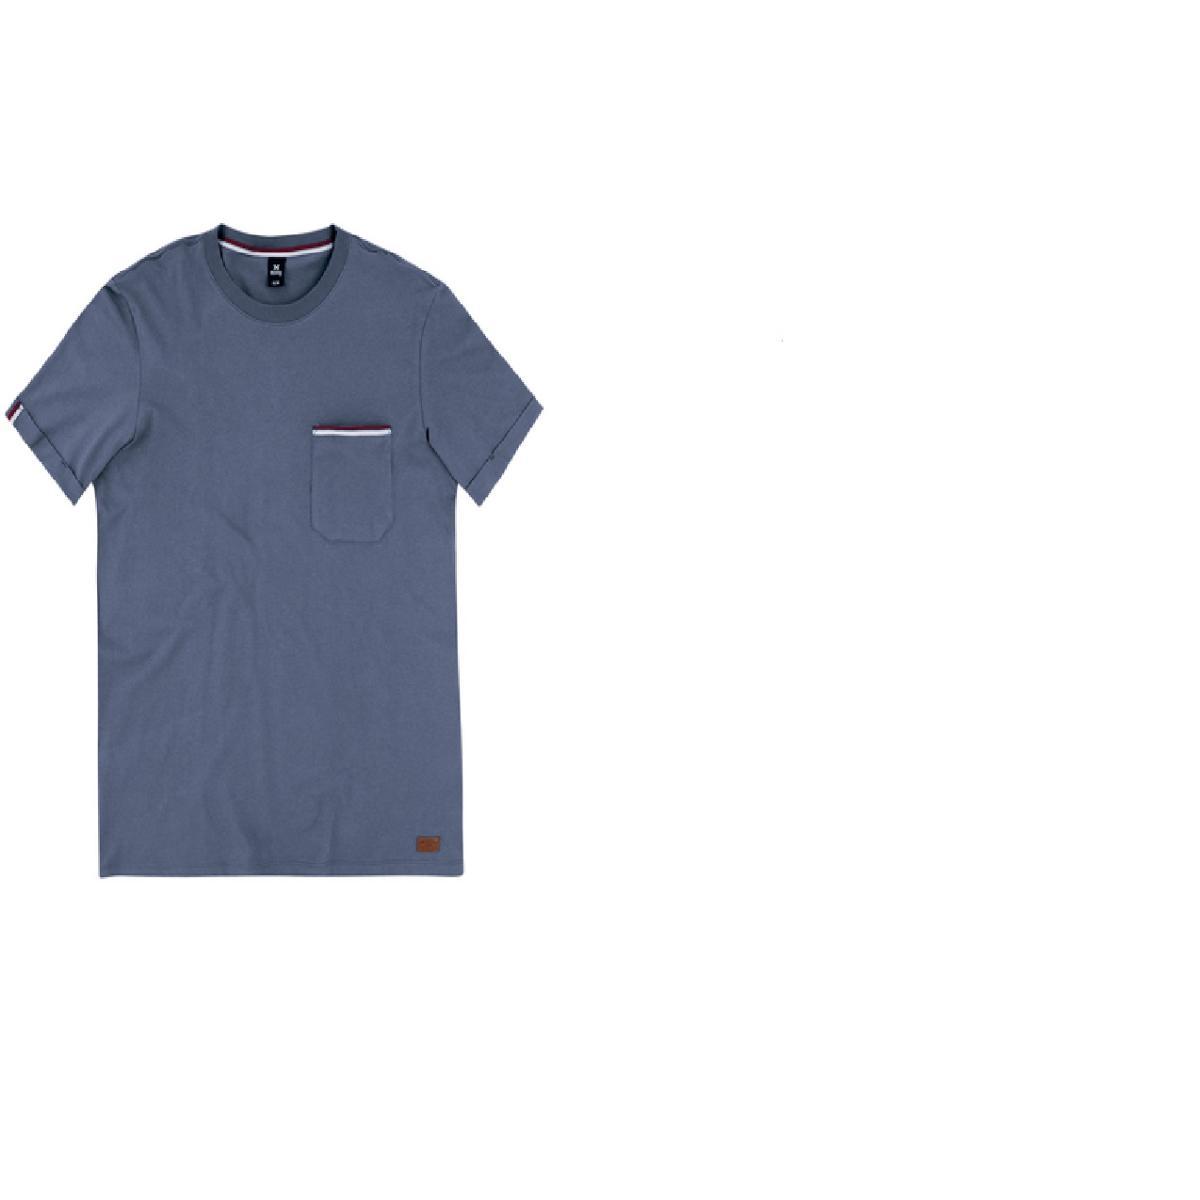 Camiseta Masculina Hering 4egx Av2en Azul